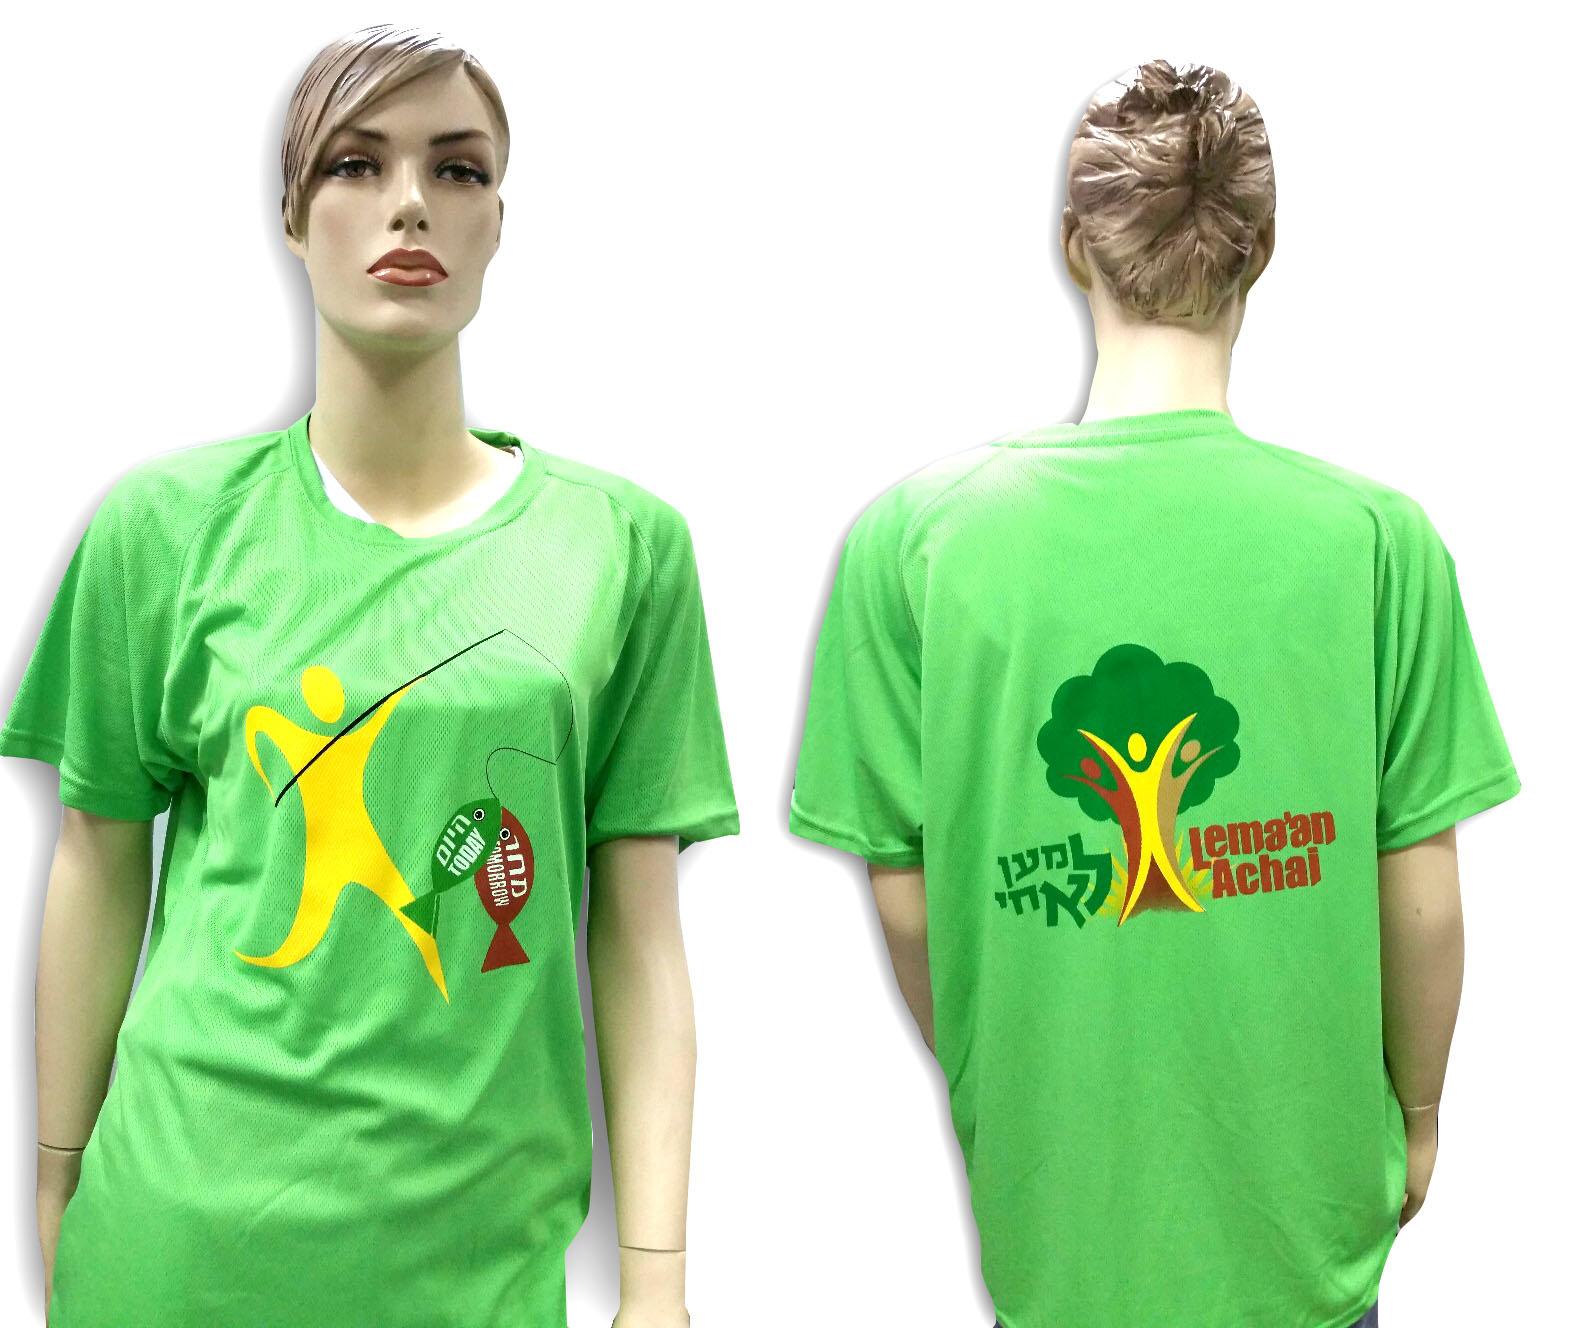 חולצת דרייפיט | חולצות דריי פיט | חולצות מנדפות זיעה